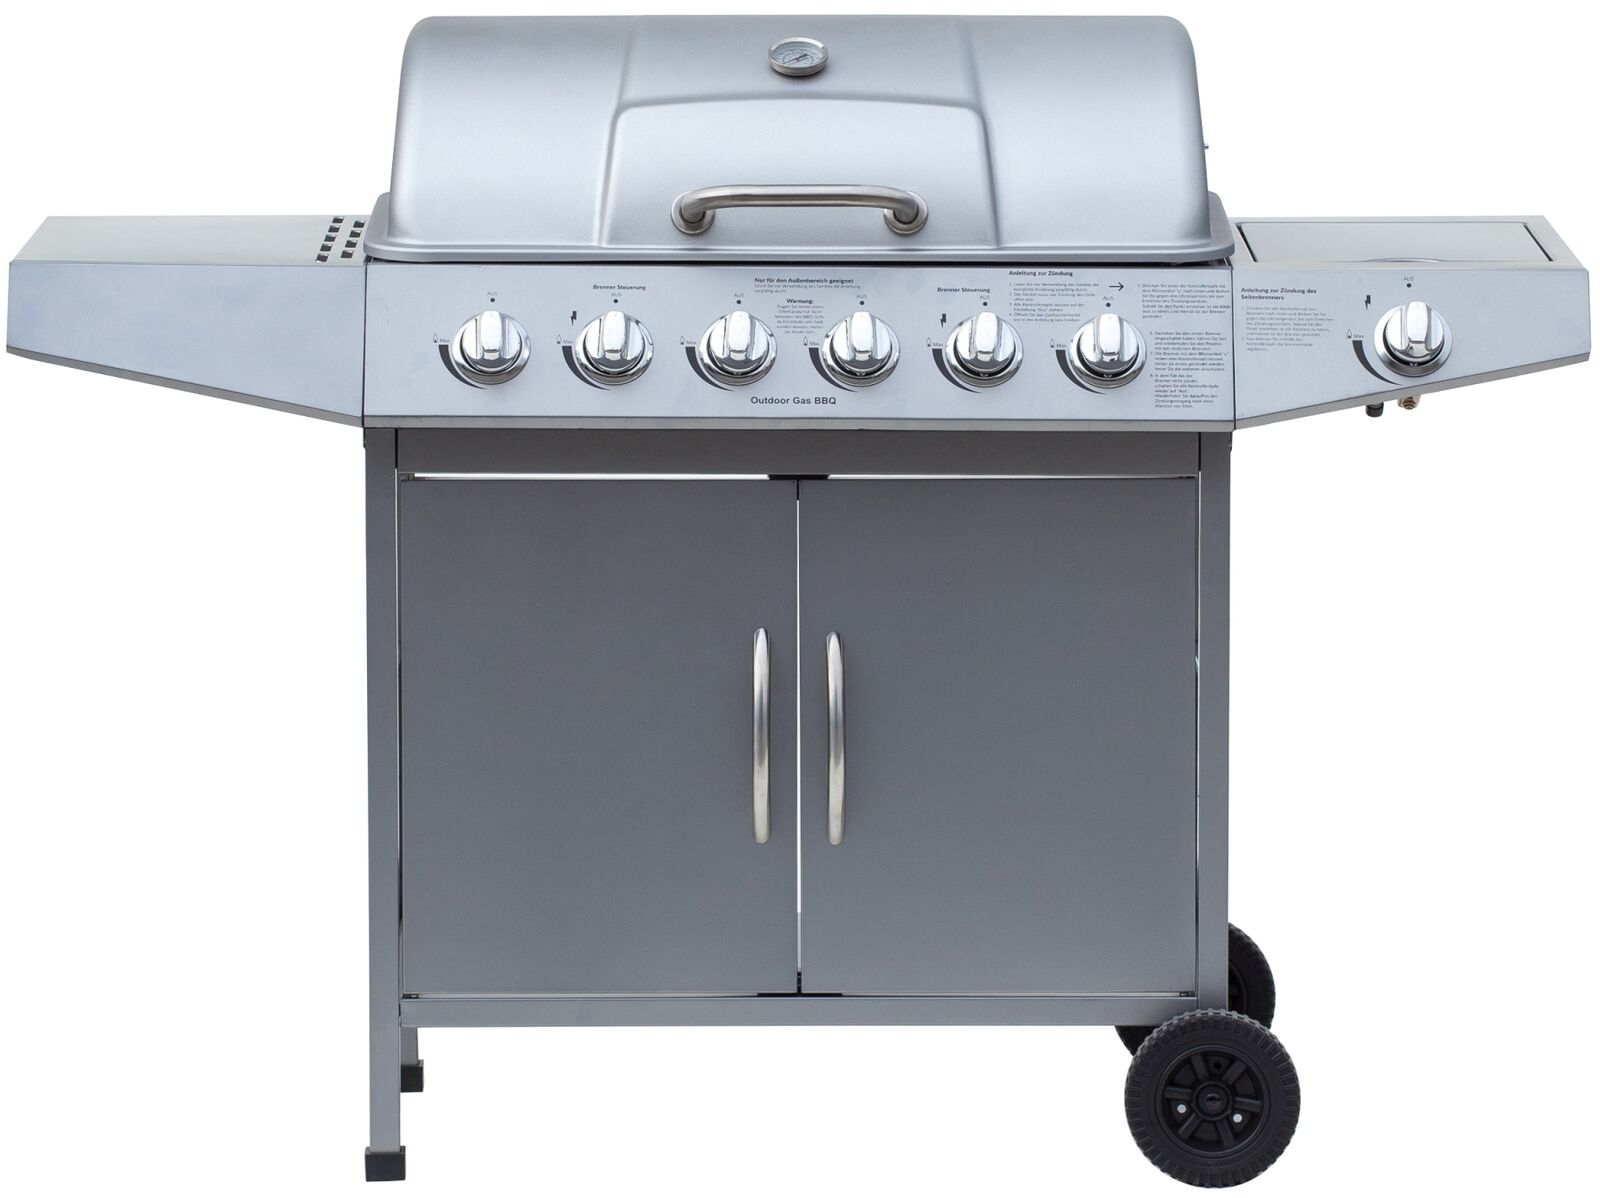 Outdoorküche Napoleon Bbq : Gasgrill für küche outdoorküche weber bbq weber gasgrill outdoor